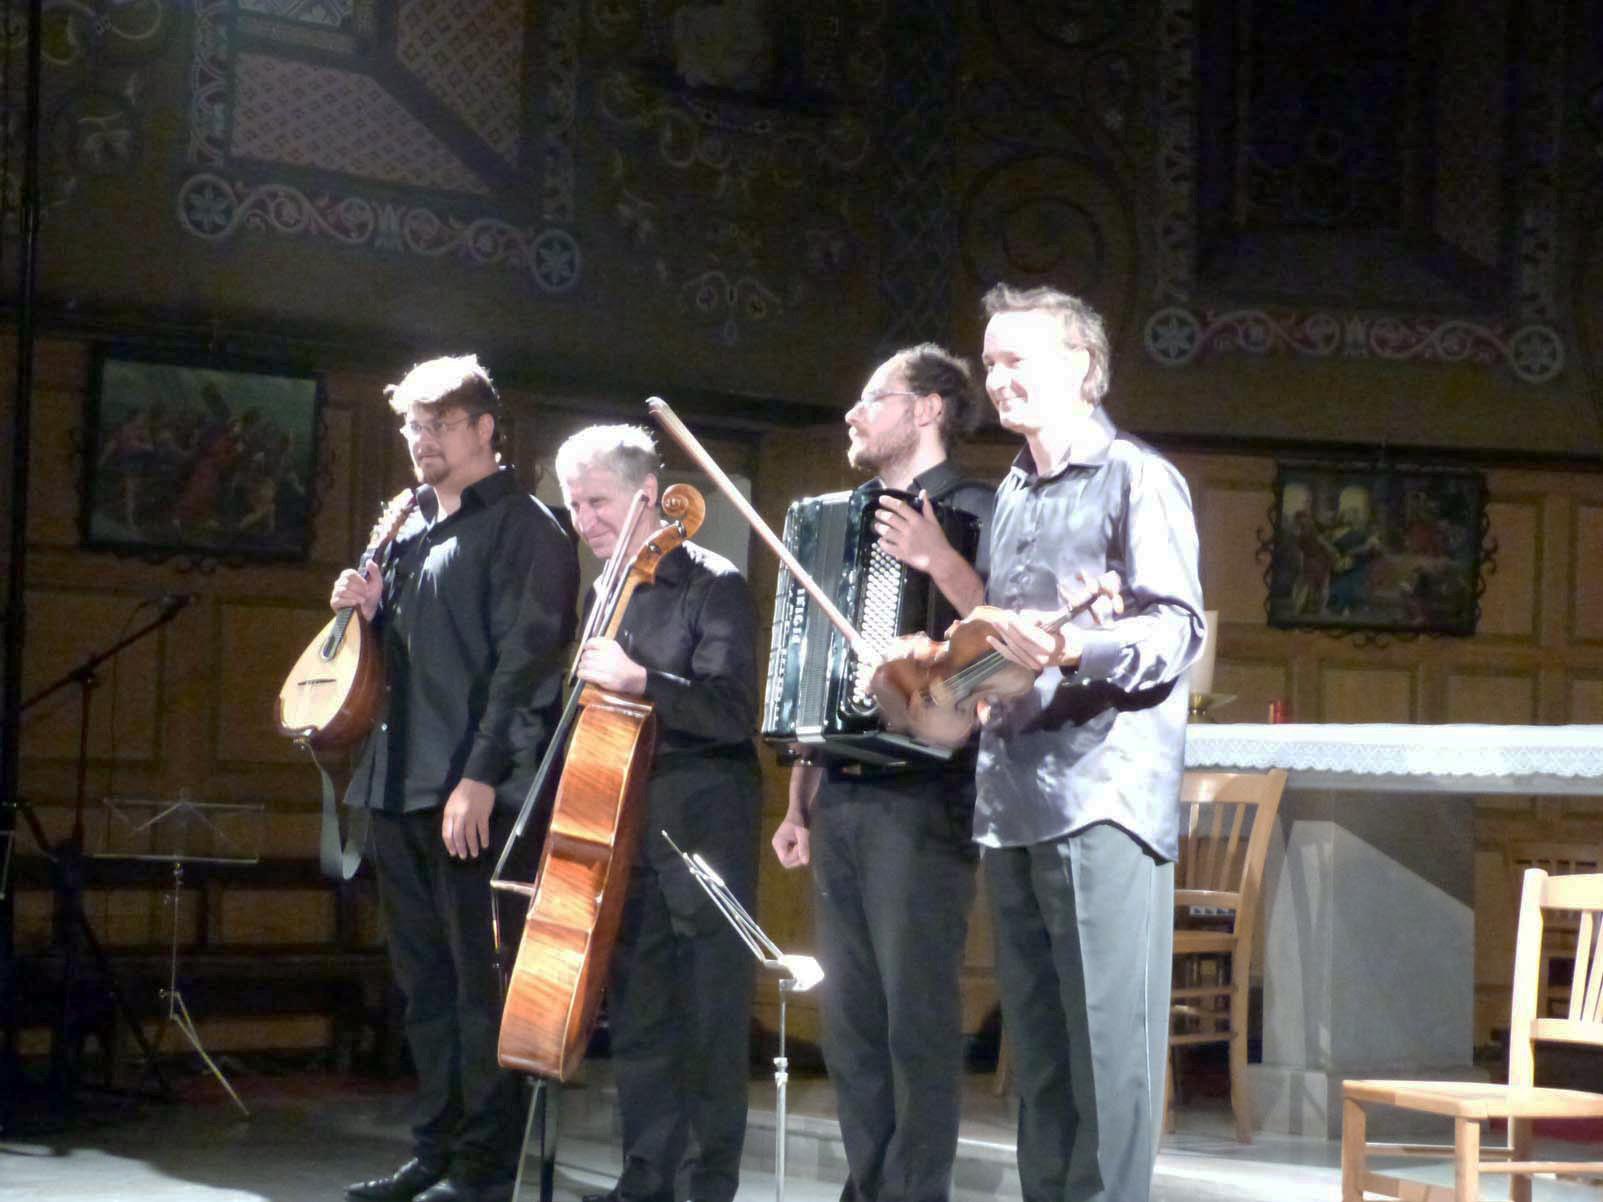 Vincent Beer-Demander, Mandoline / Yehuda Hanani, Violoncelle / Grégory Daltin, Accordéon / Dejan Bogdanovic, Violon